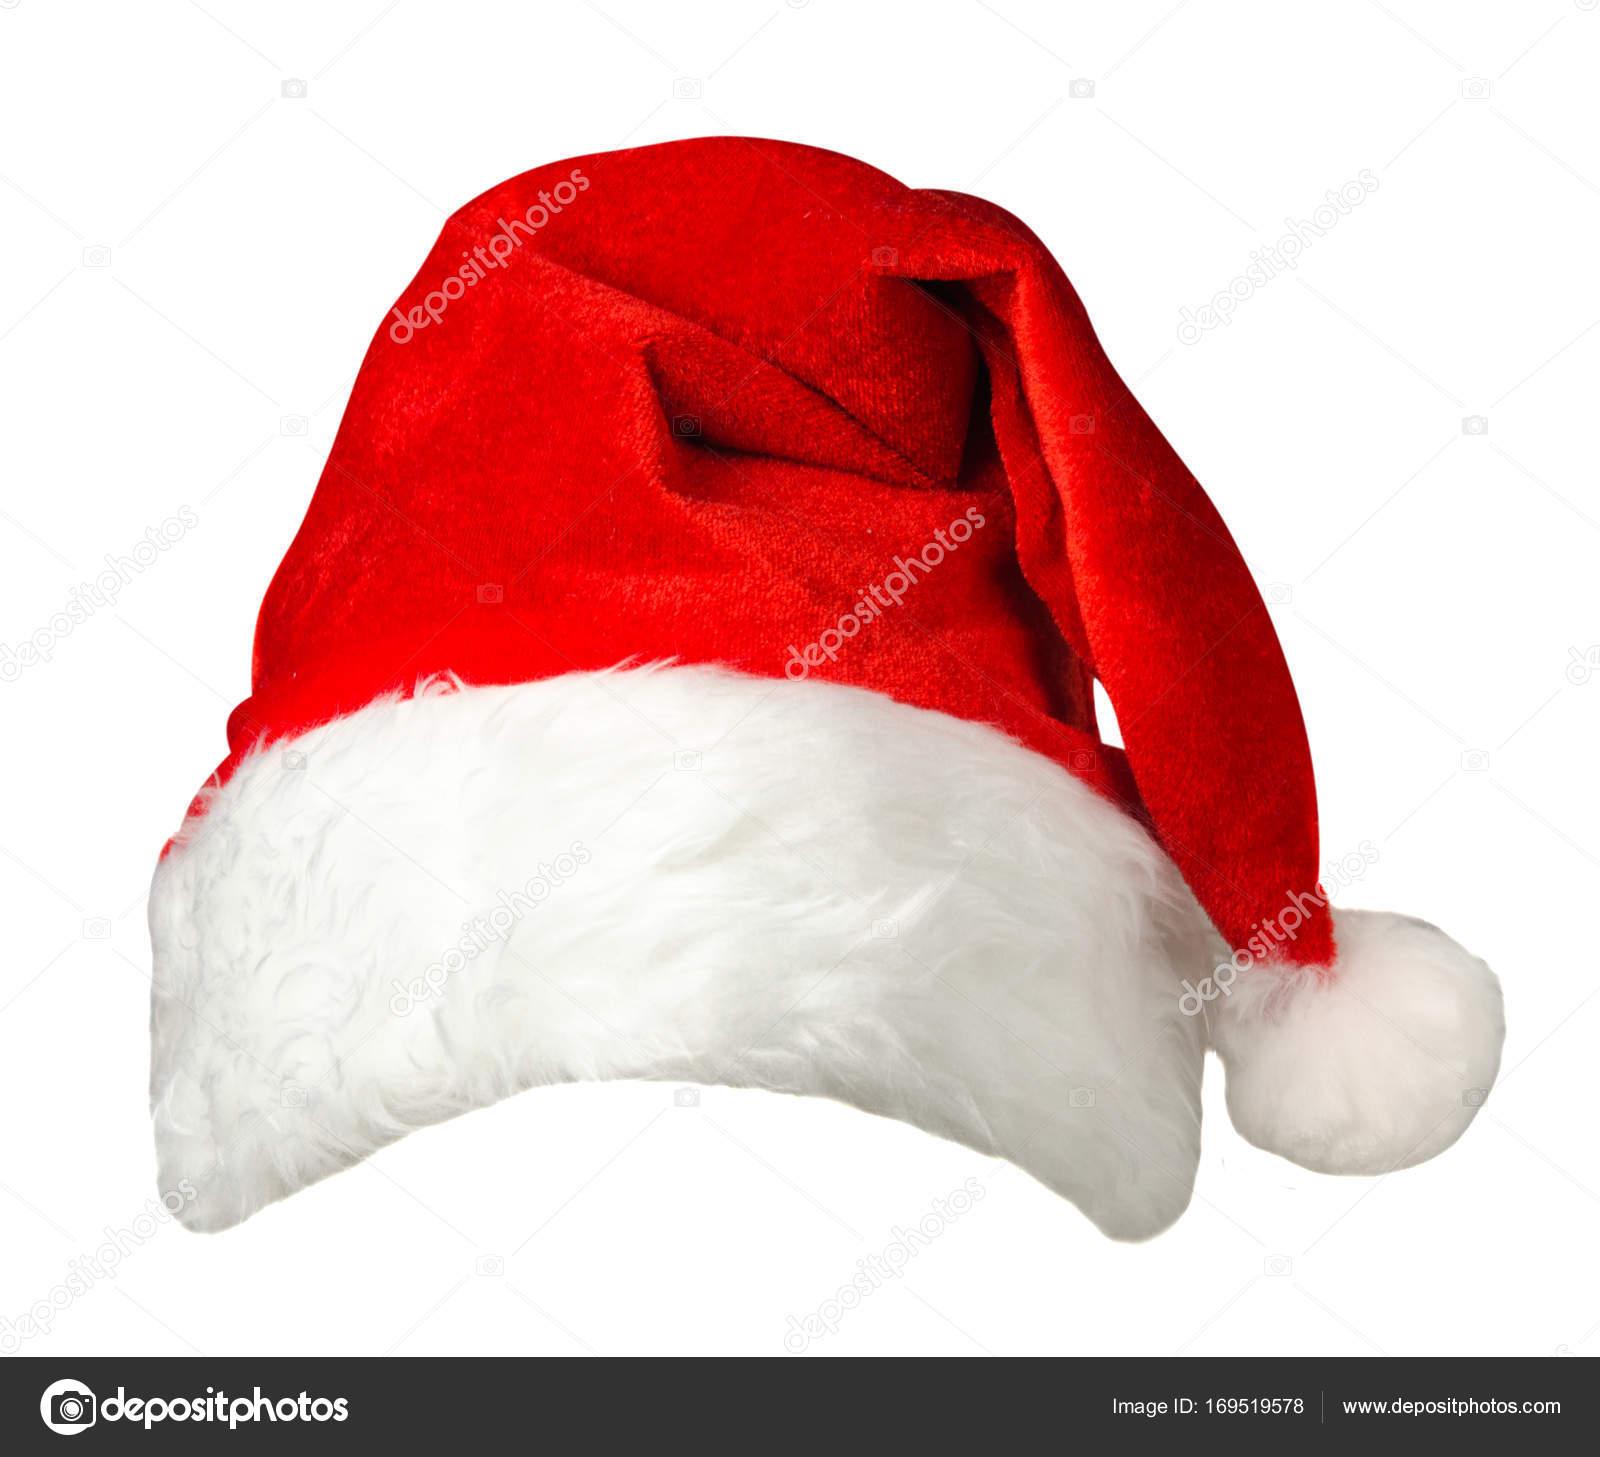 Immagini Cappello Di Babbo Natale.Cappello Di Babbo Natale Foto Stock C Vitalily73 169519578